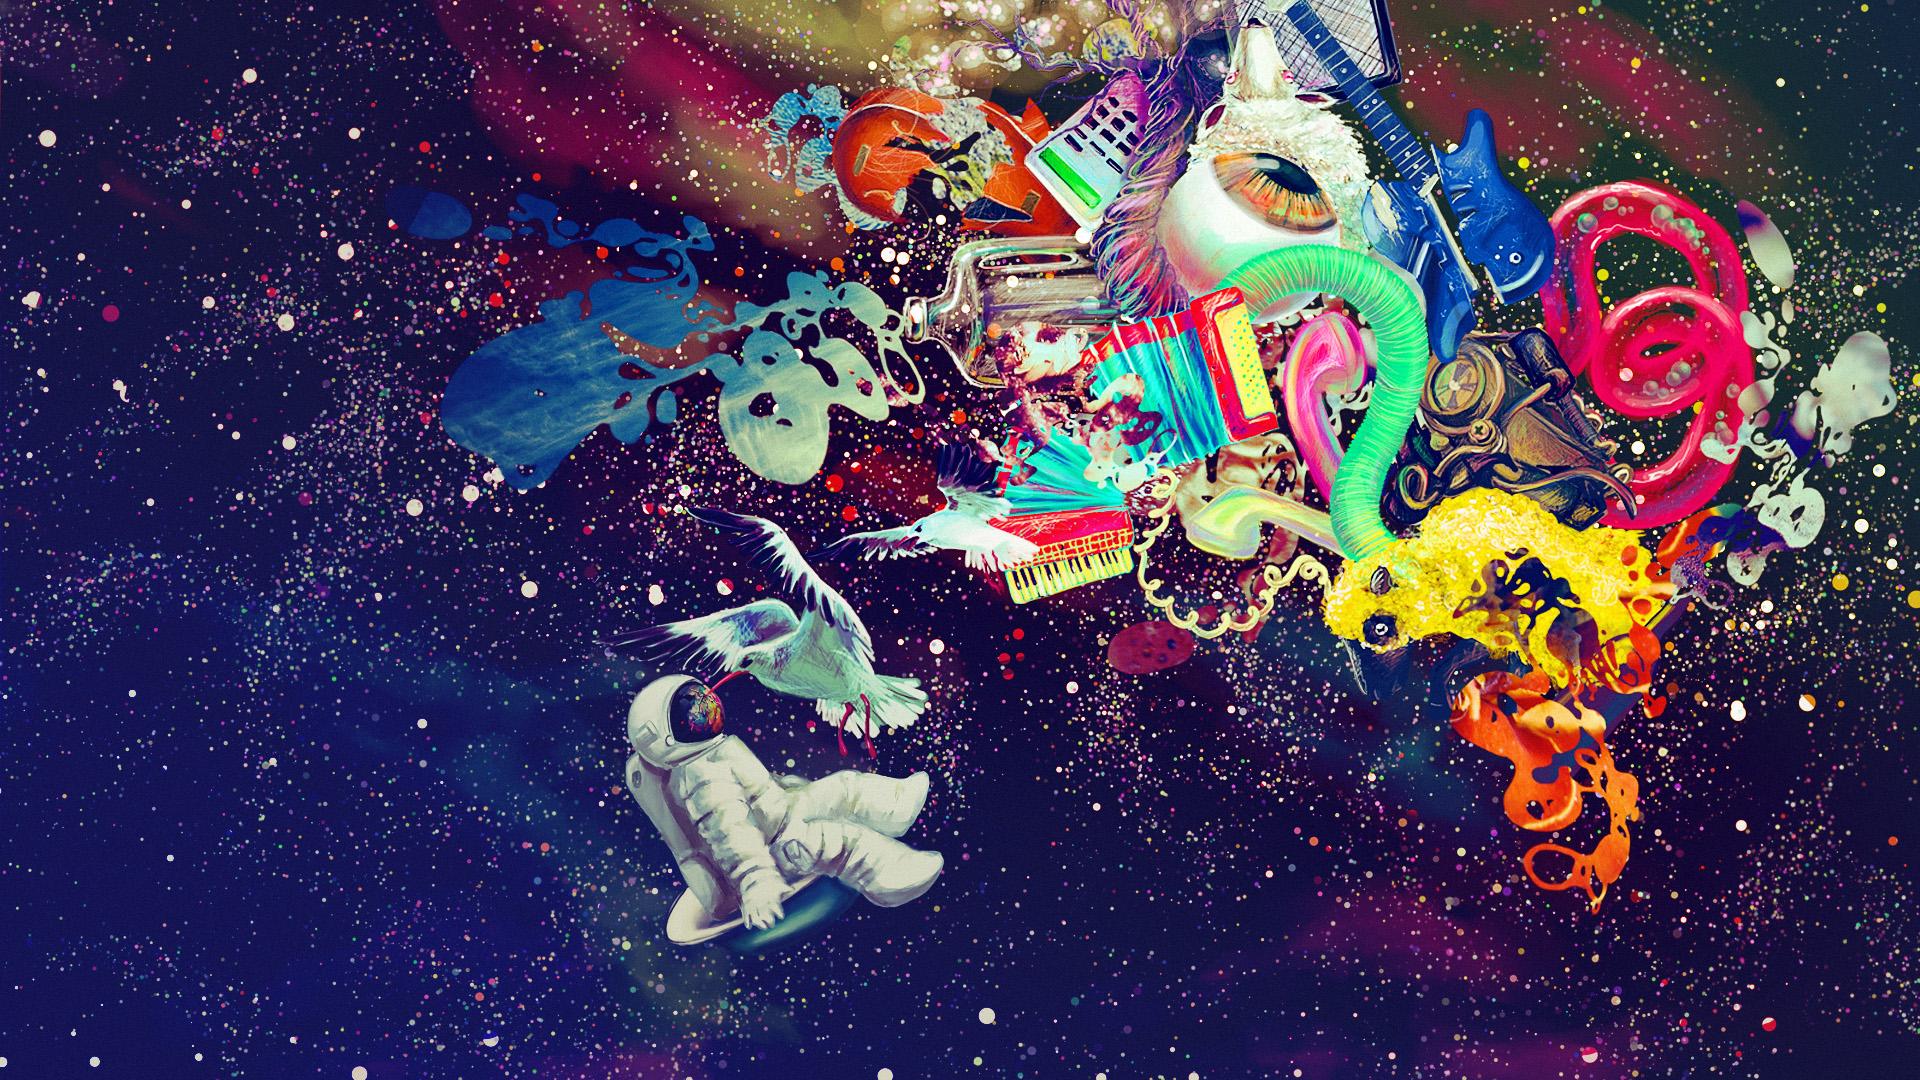 psychedelic space   Desktop Wallpaper 1920x1080